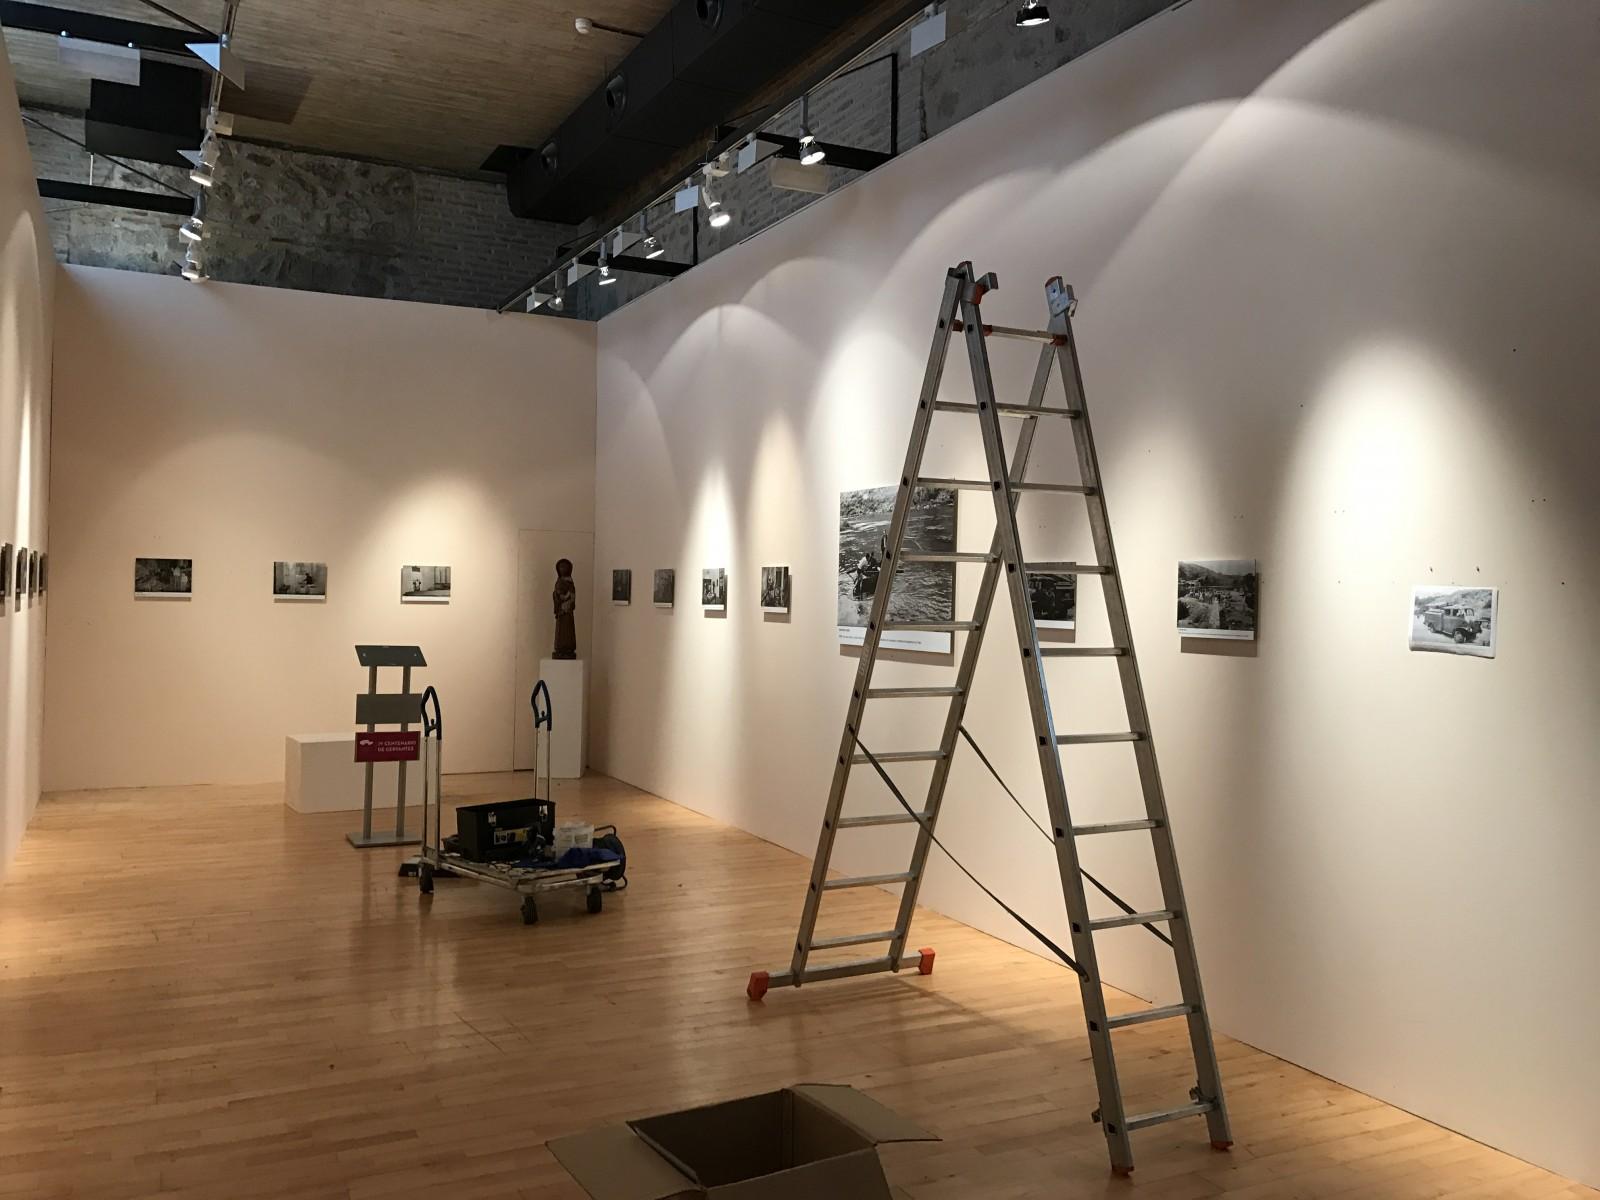 Montaje exposición 153 años Bomberos de Toledo30 años Pablo Carrasco (16)